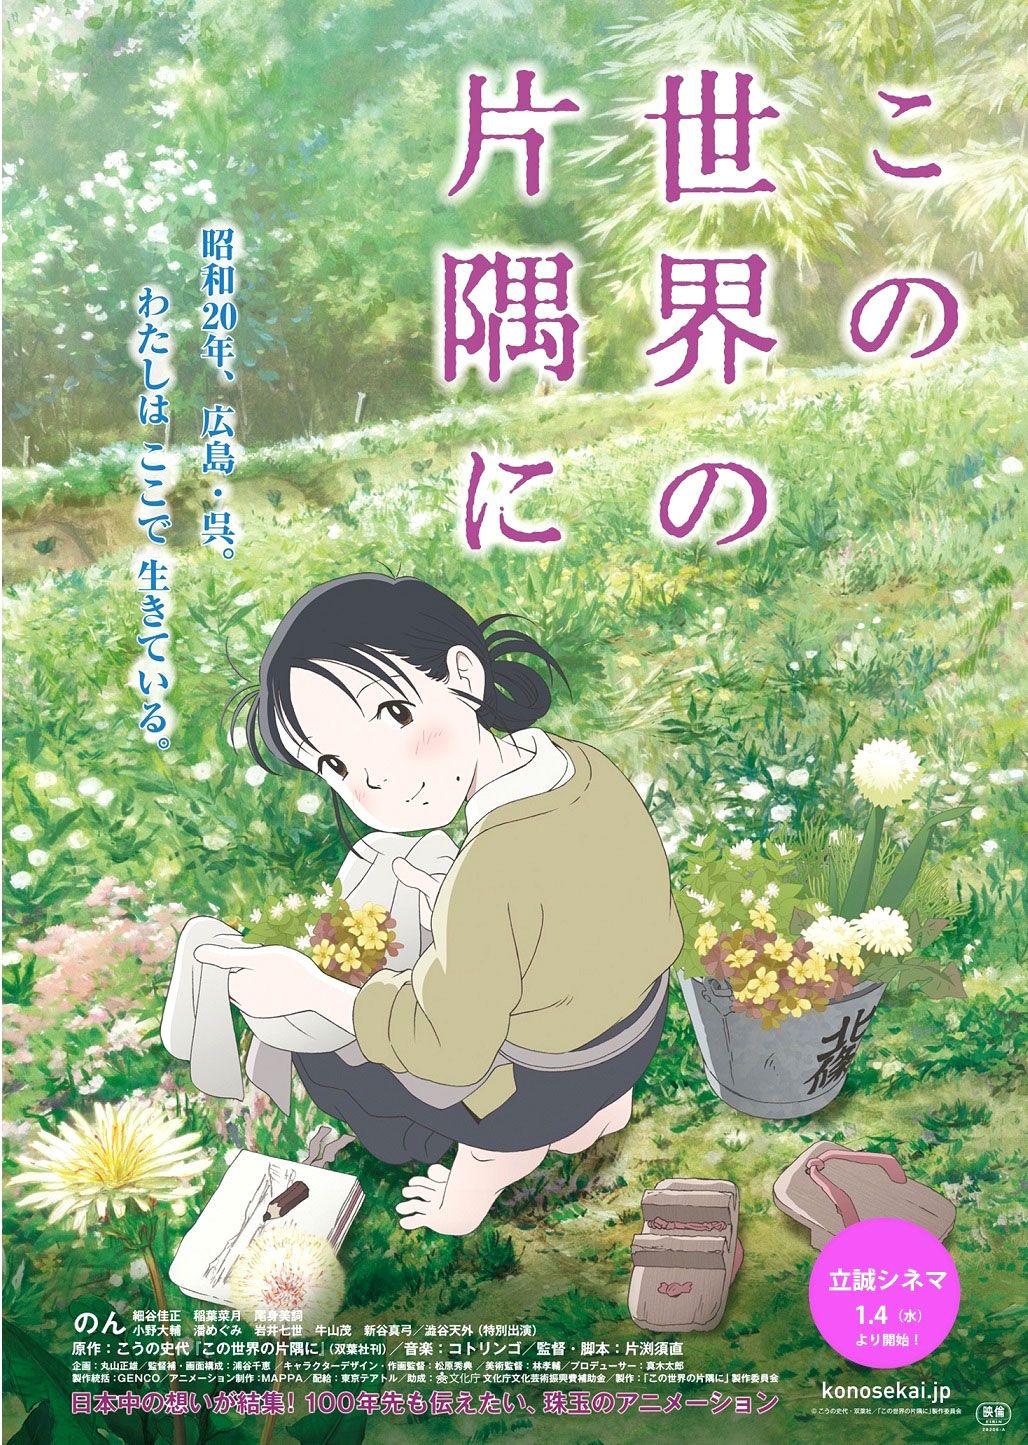 mejor película japonesa para adultos